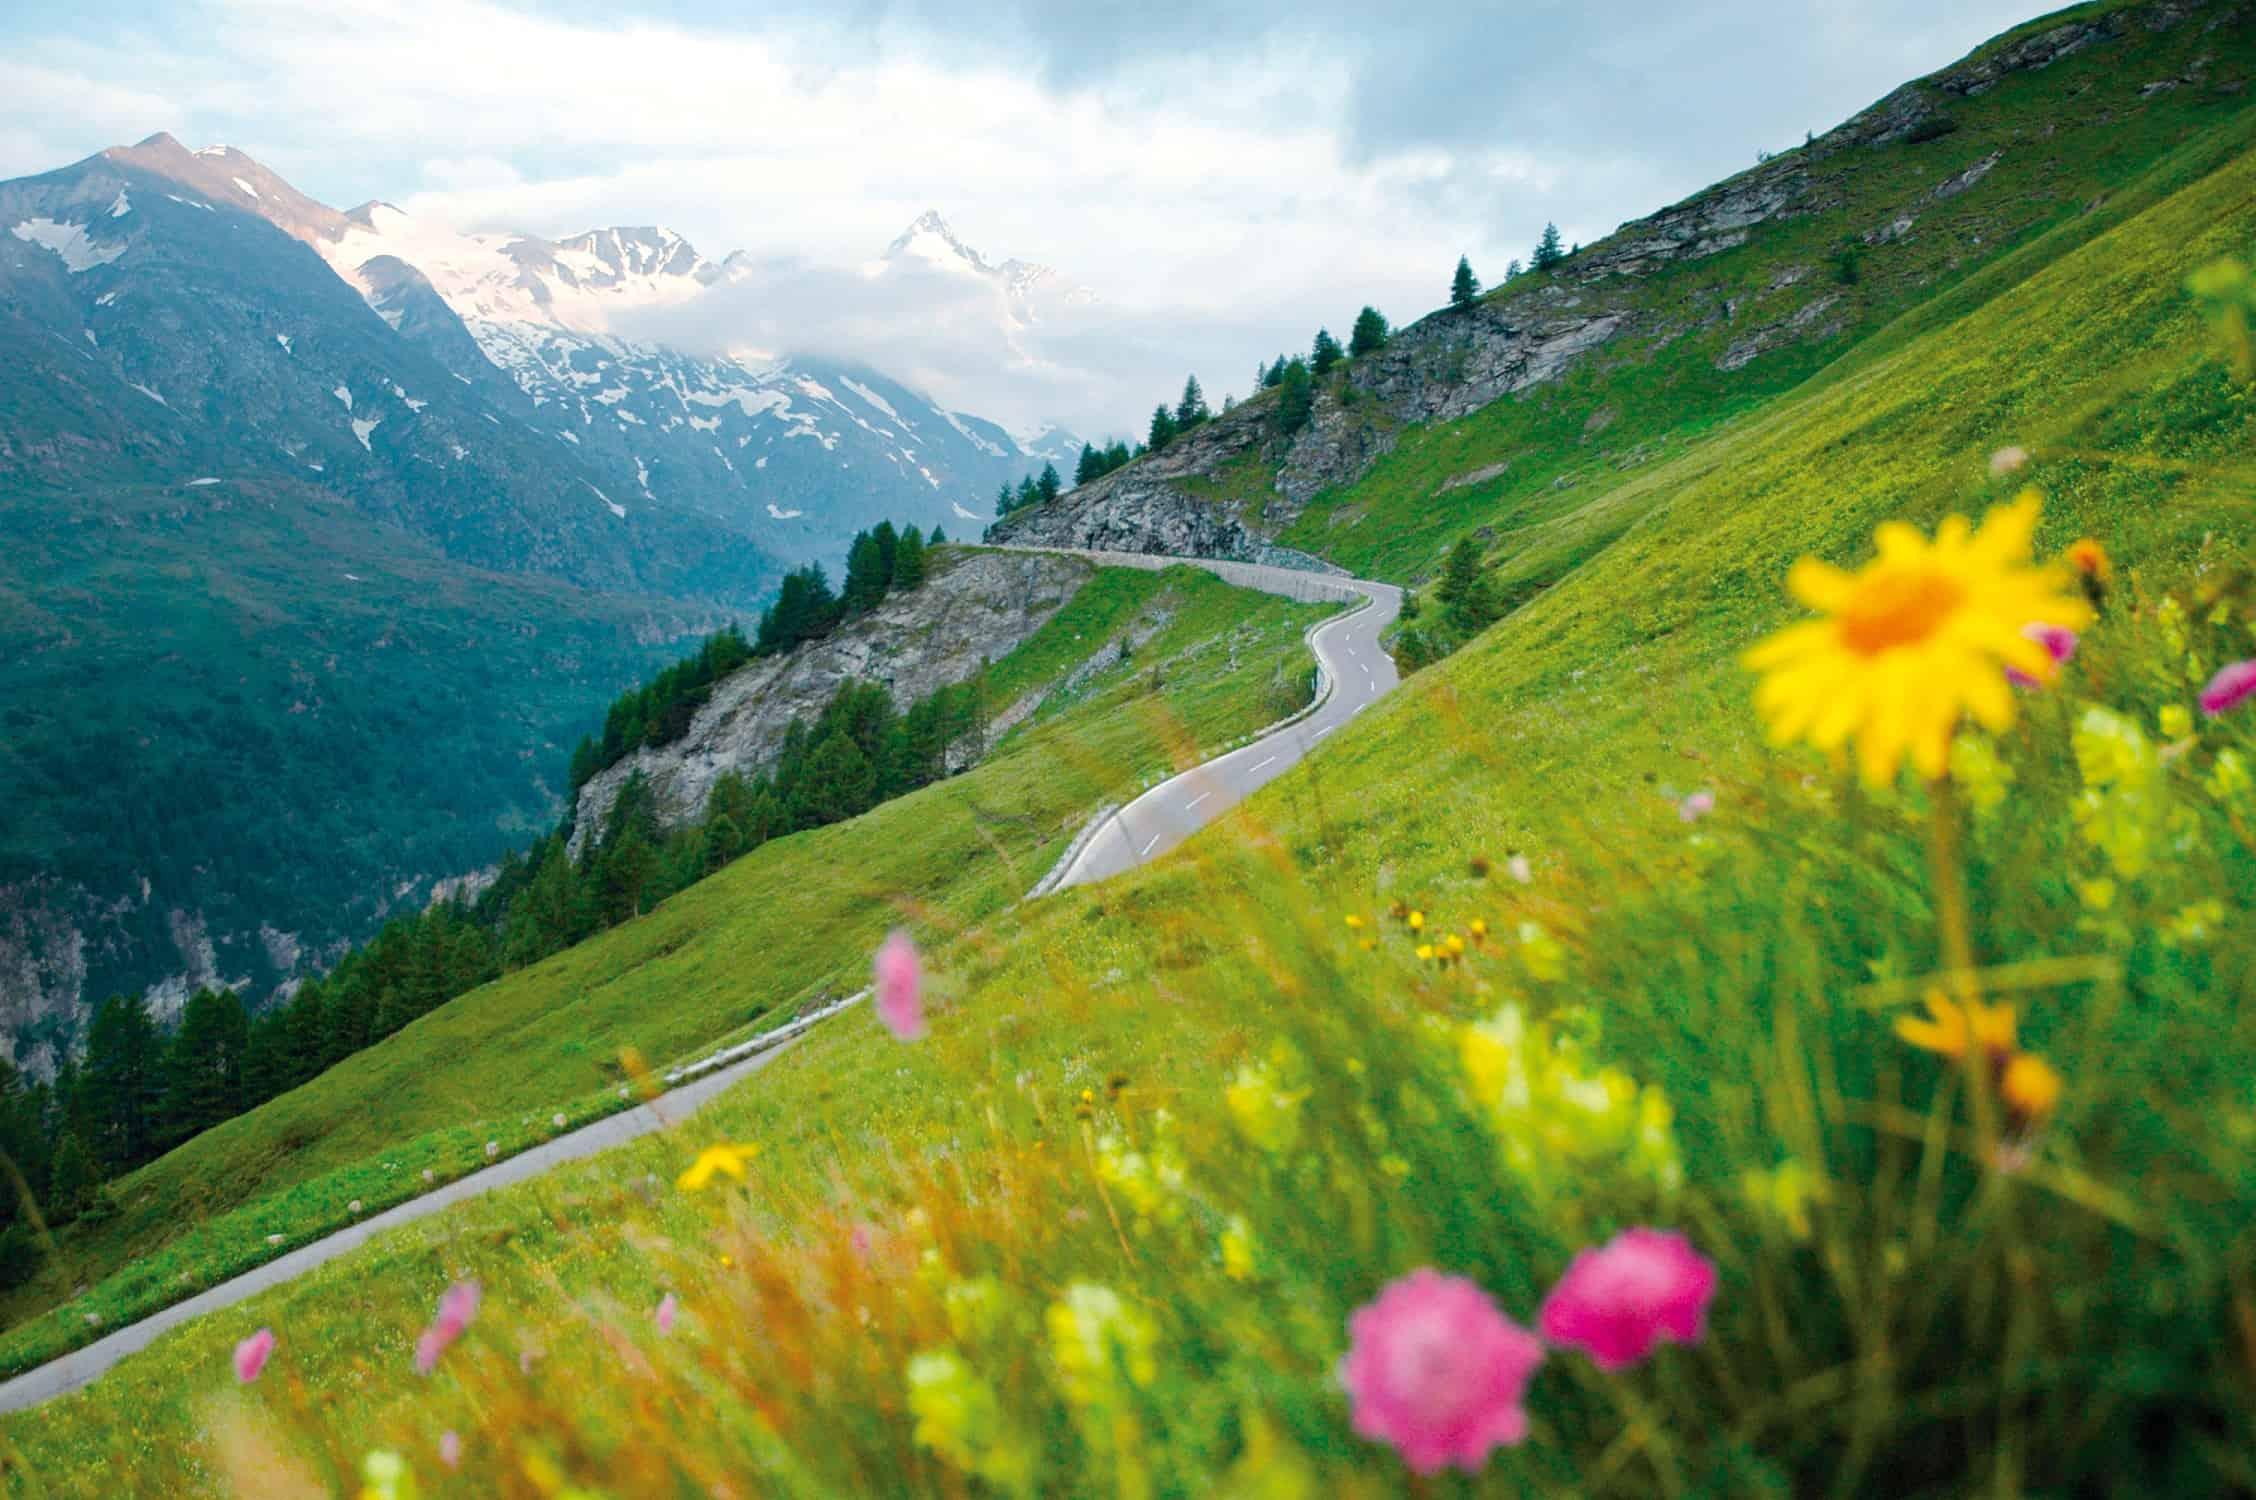 Sommer Ausflugsziel Großglockner Hochalpenstraße Naturlandschaft